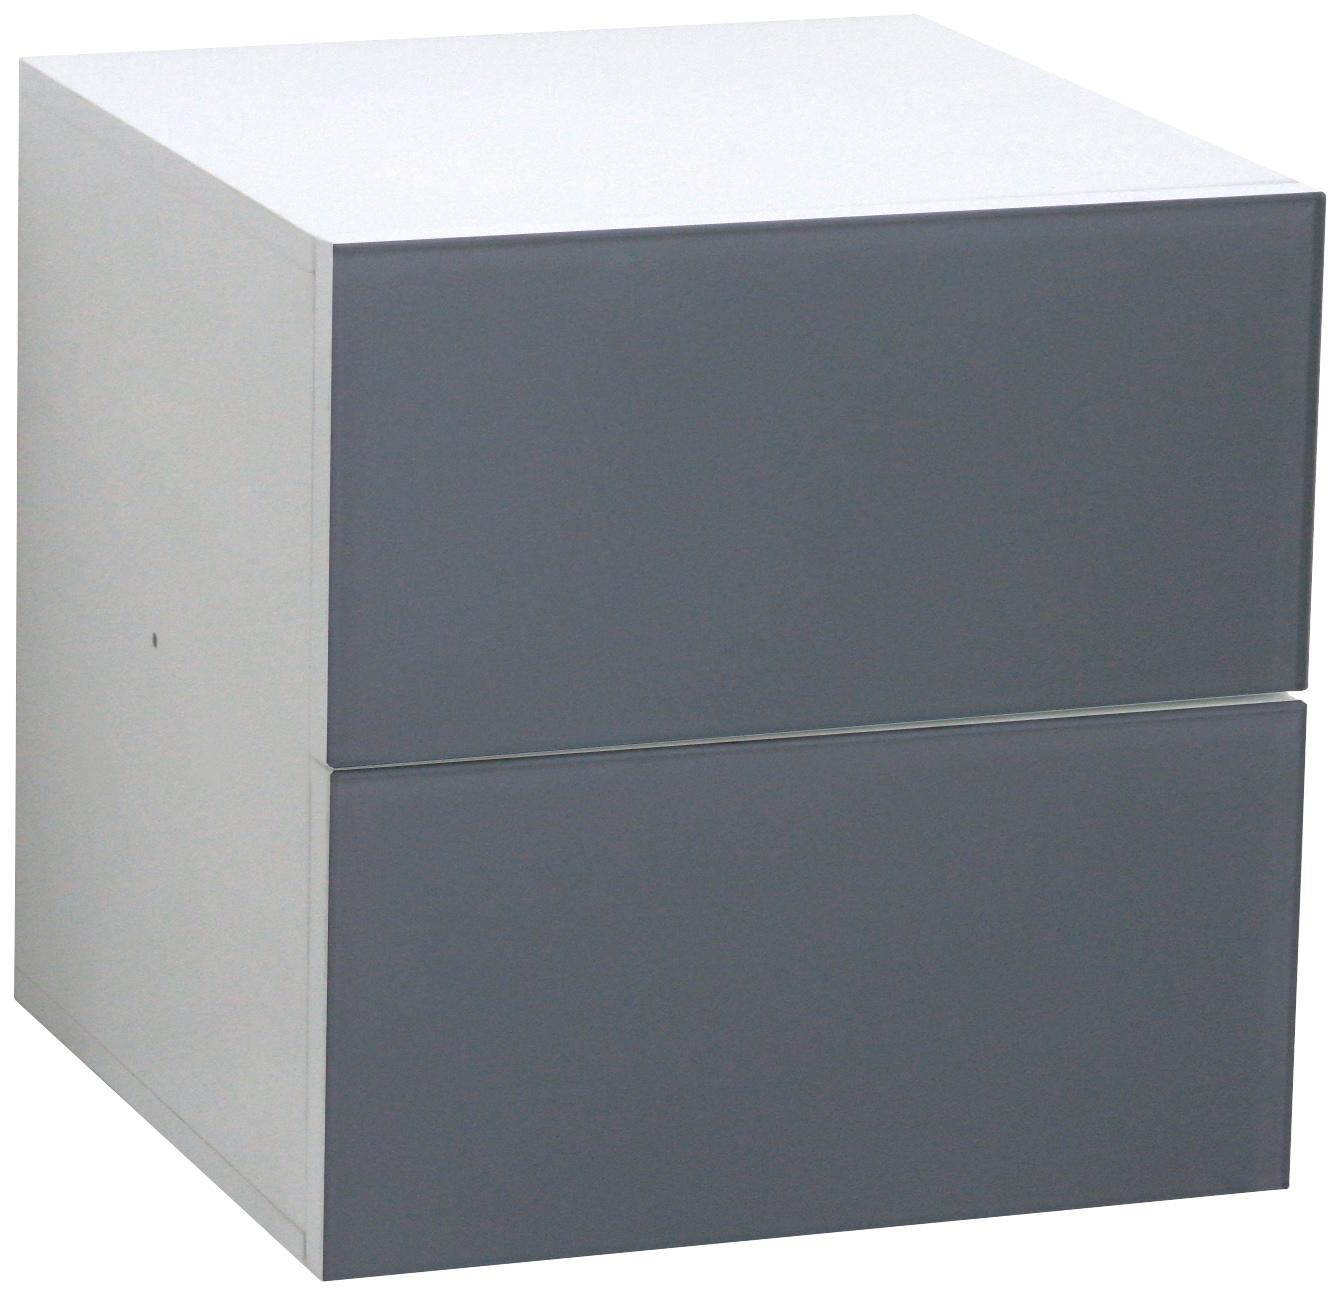 PHOENIX MÖBEL Schubladenelement Atlanta, B/H/T: 34 x 34 x 38 cm günstig online kaufen